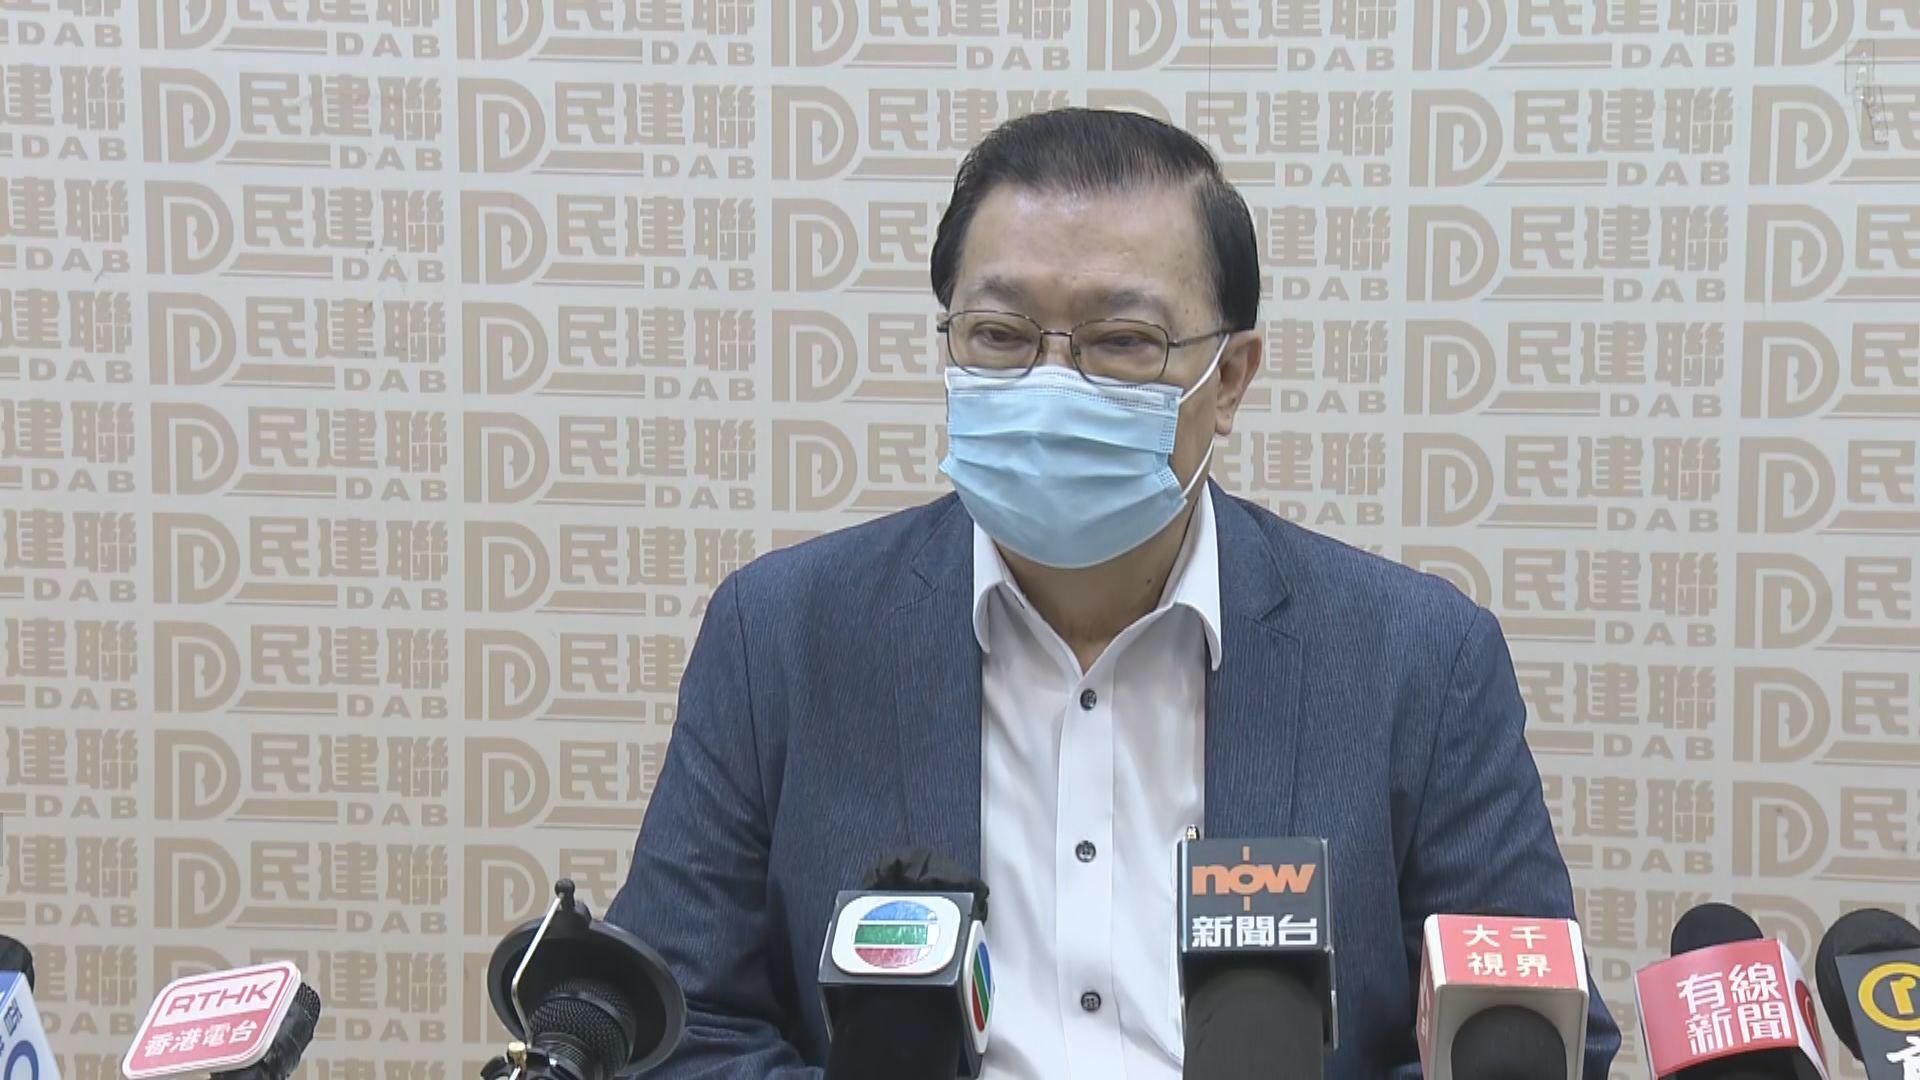 譚耀宗:香港重視新聞自由 但傳媒應遵守國安法